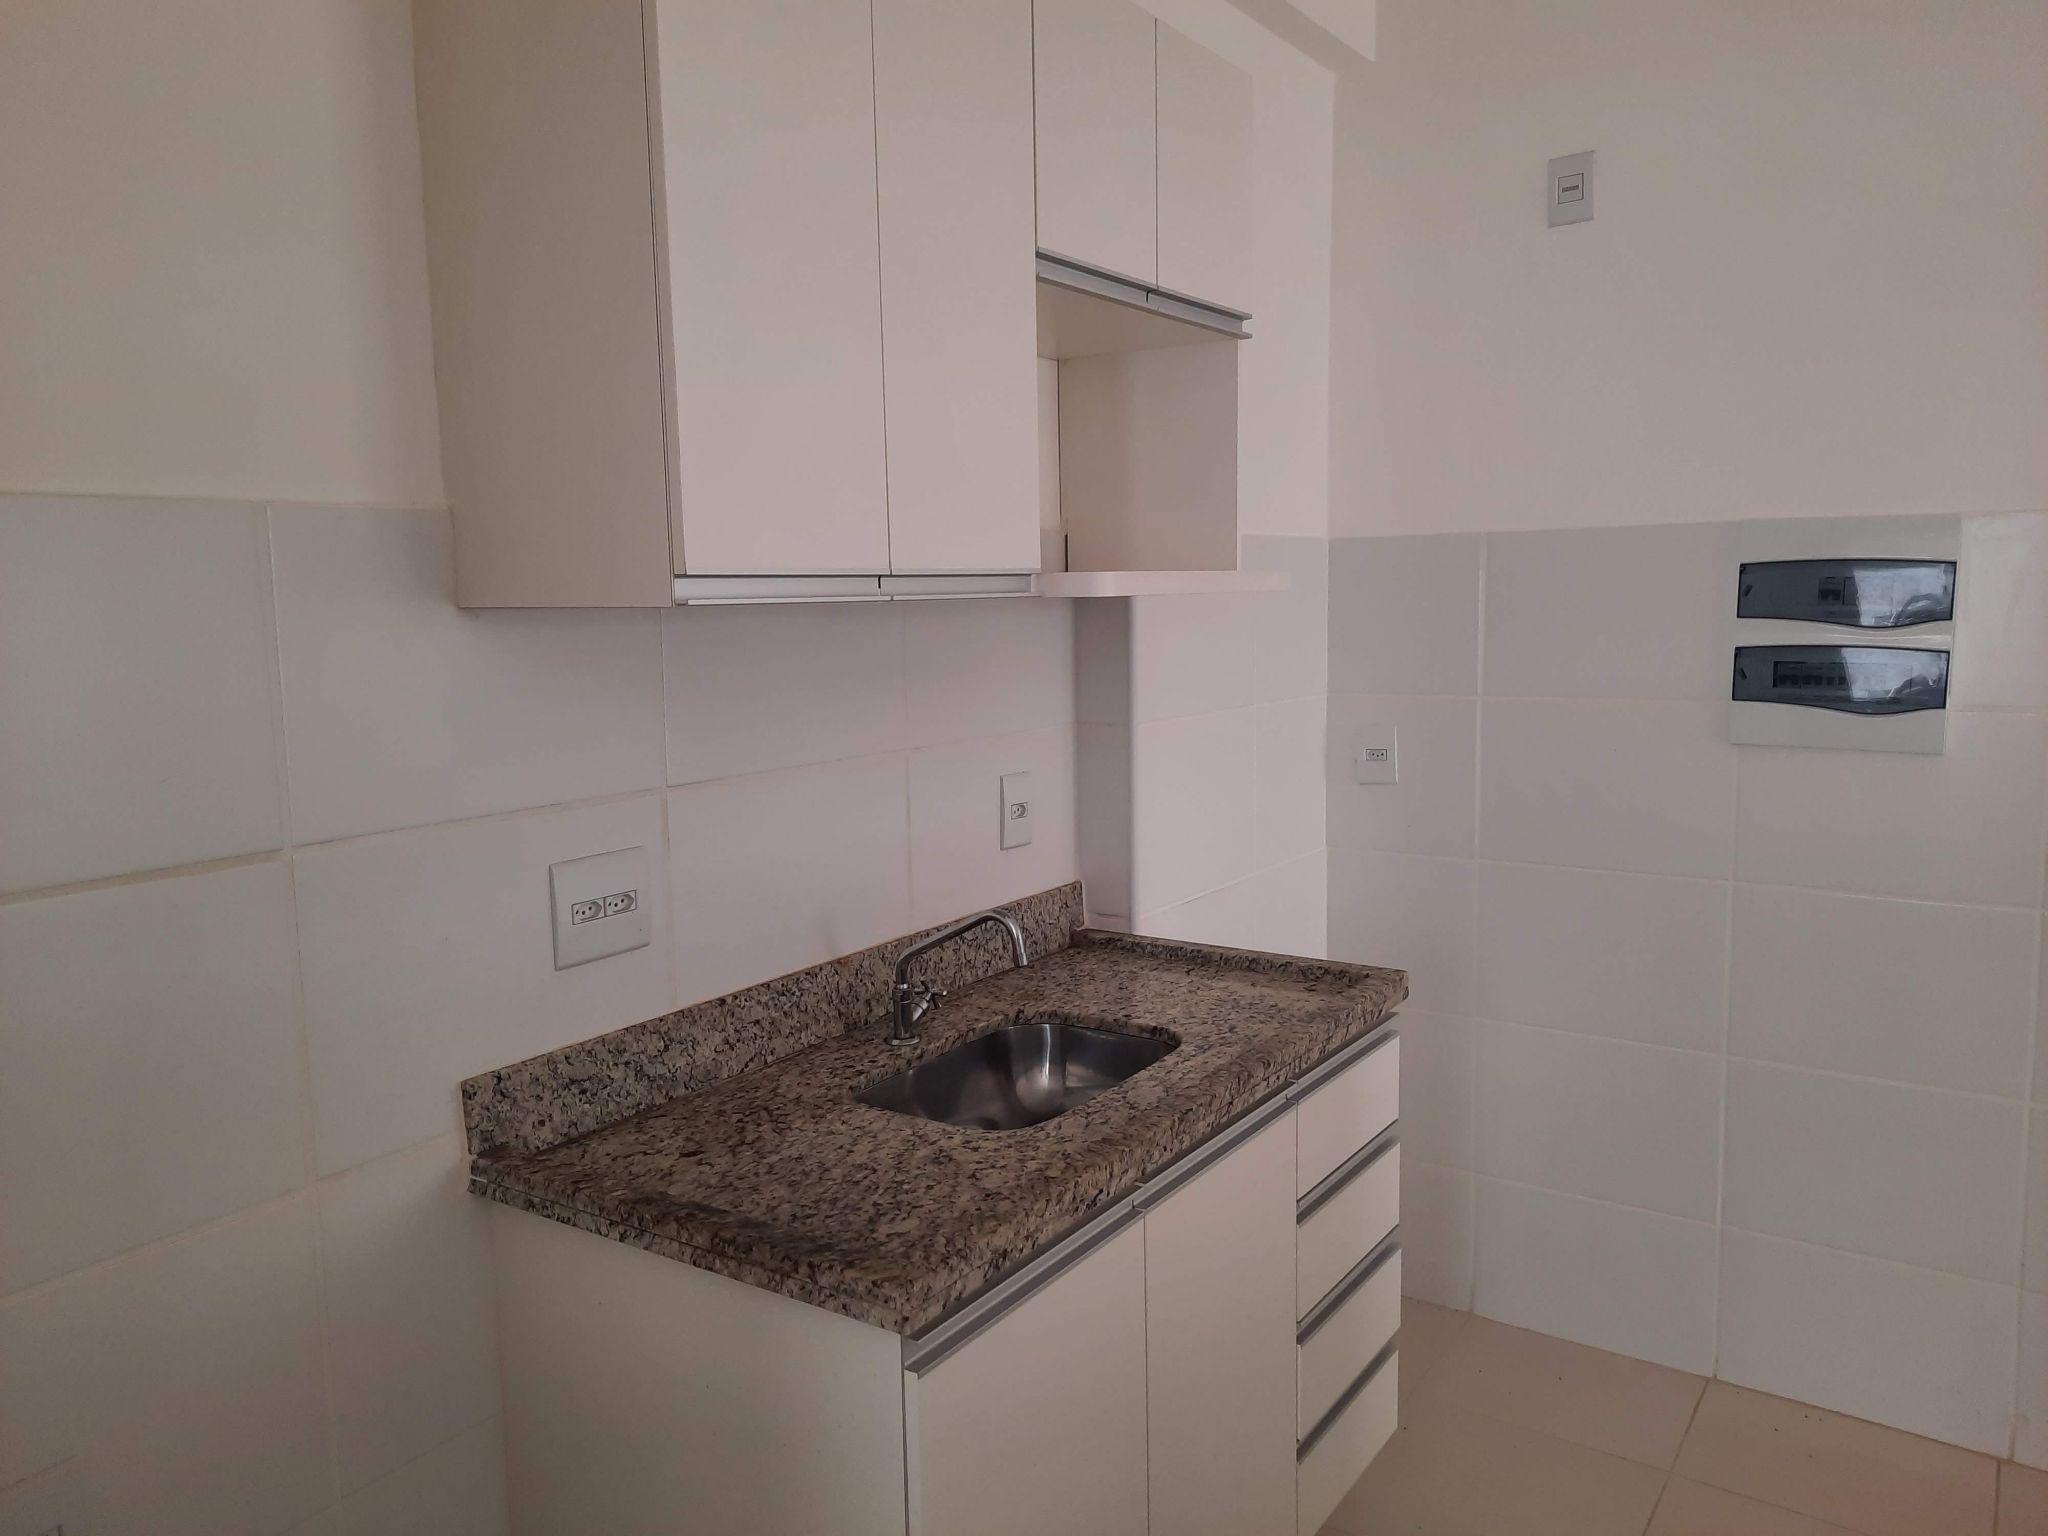 737 Apartamento 1 Dormitório Nova Aliança